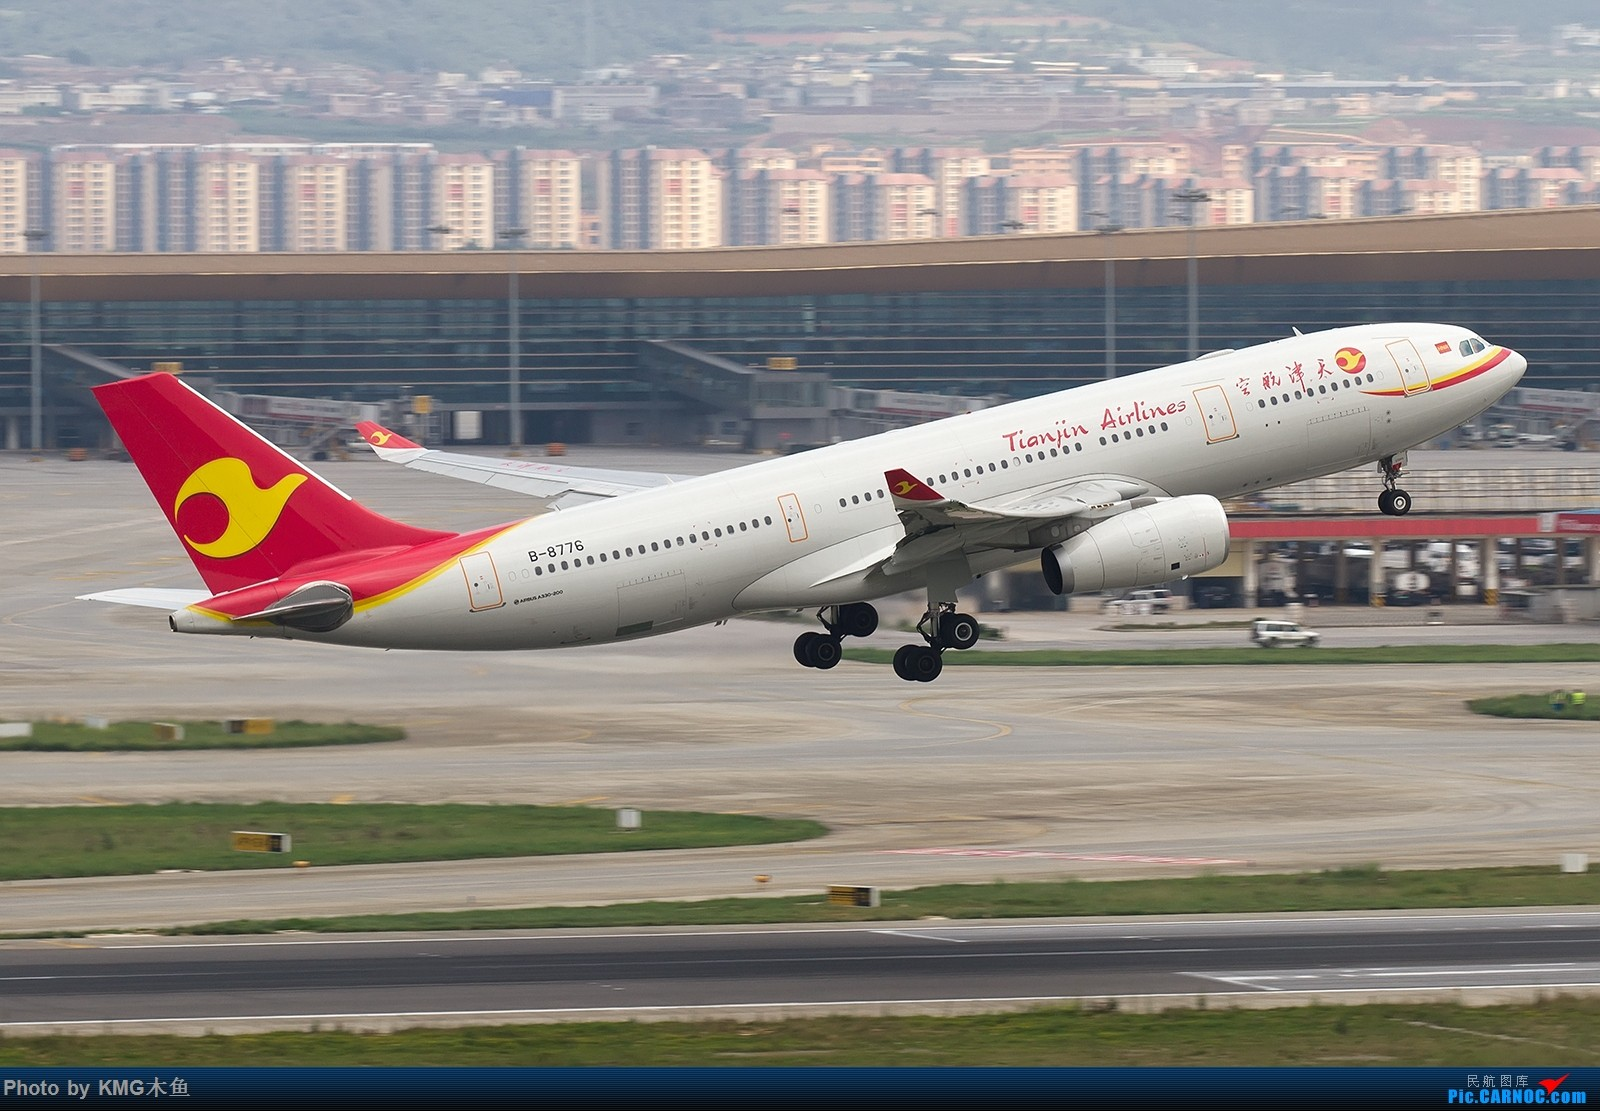 Re:[原创]【昆明长水国际机场——KMG木鱼拍机】第一次大中午的拍飞机,还好宽体比较多,也算是值得了 AIRBUS A330-200 B-8776 中国昆明长水国际机场